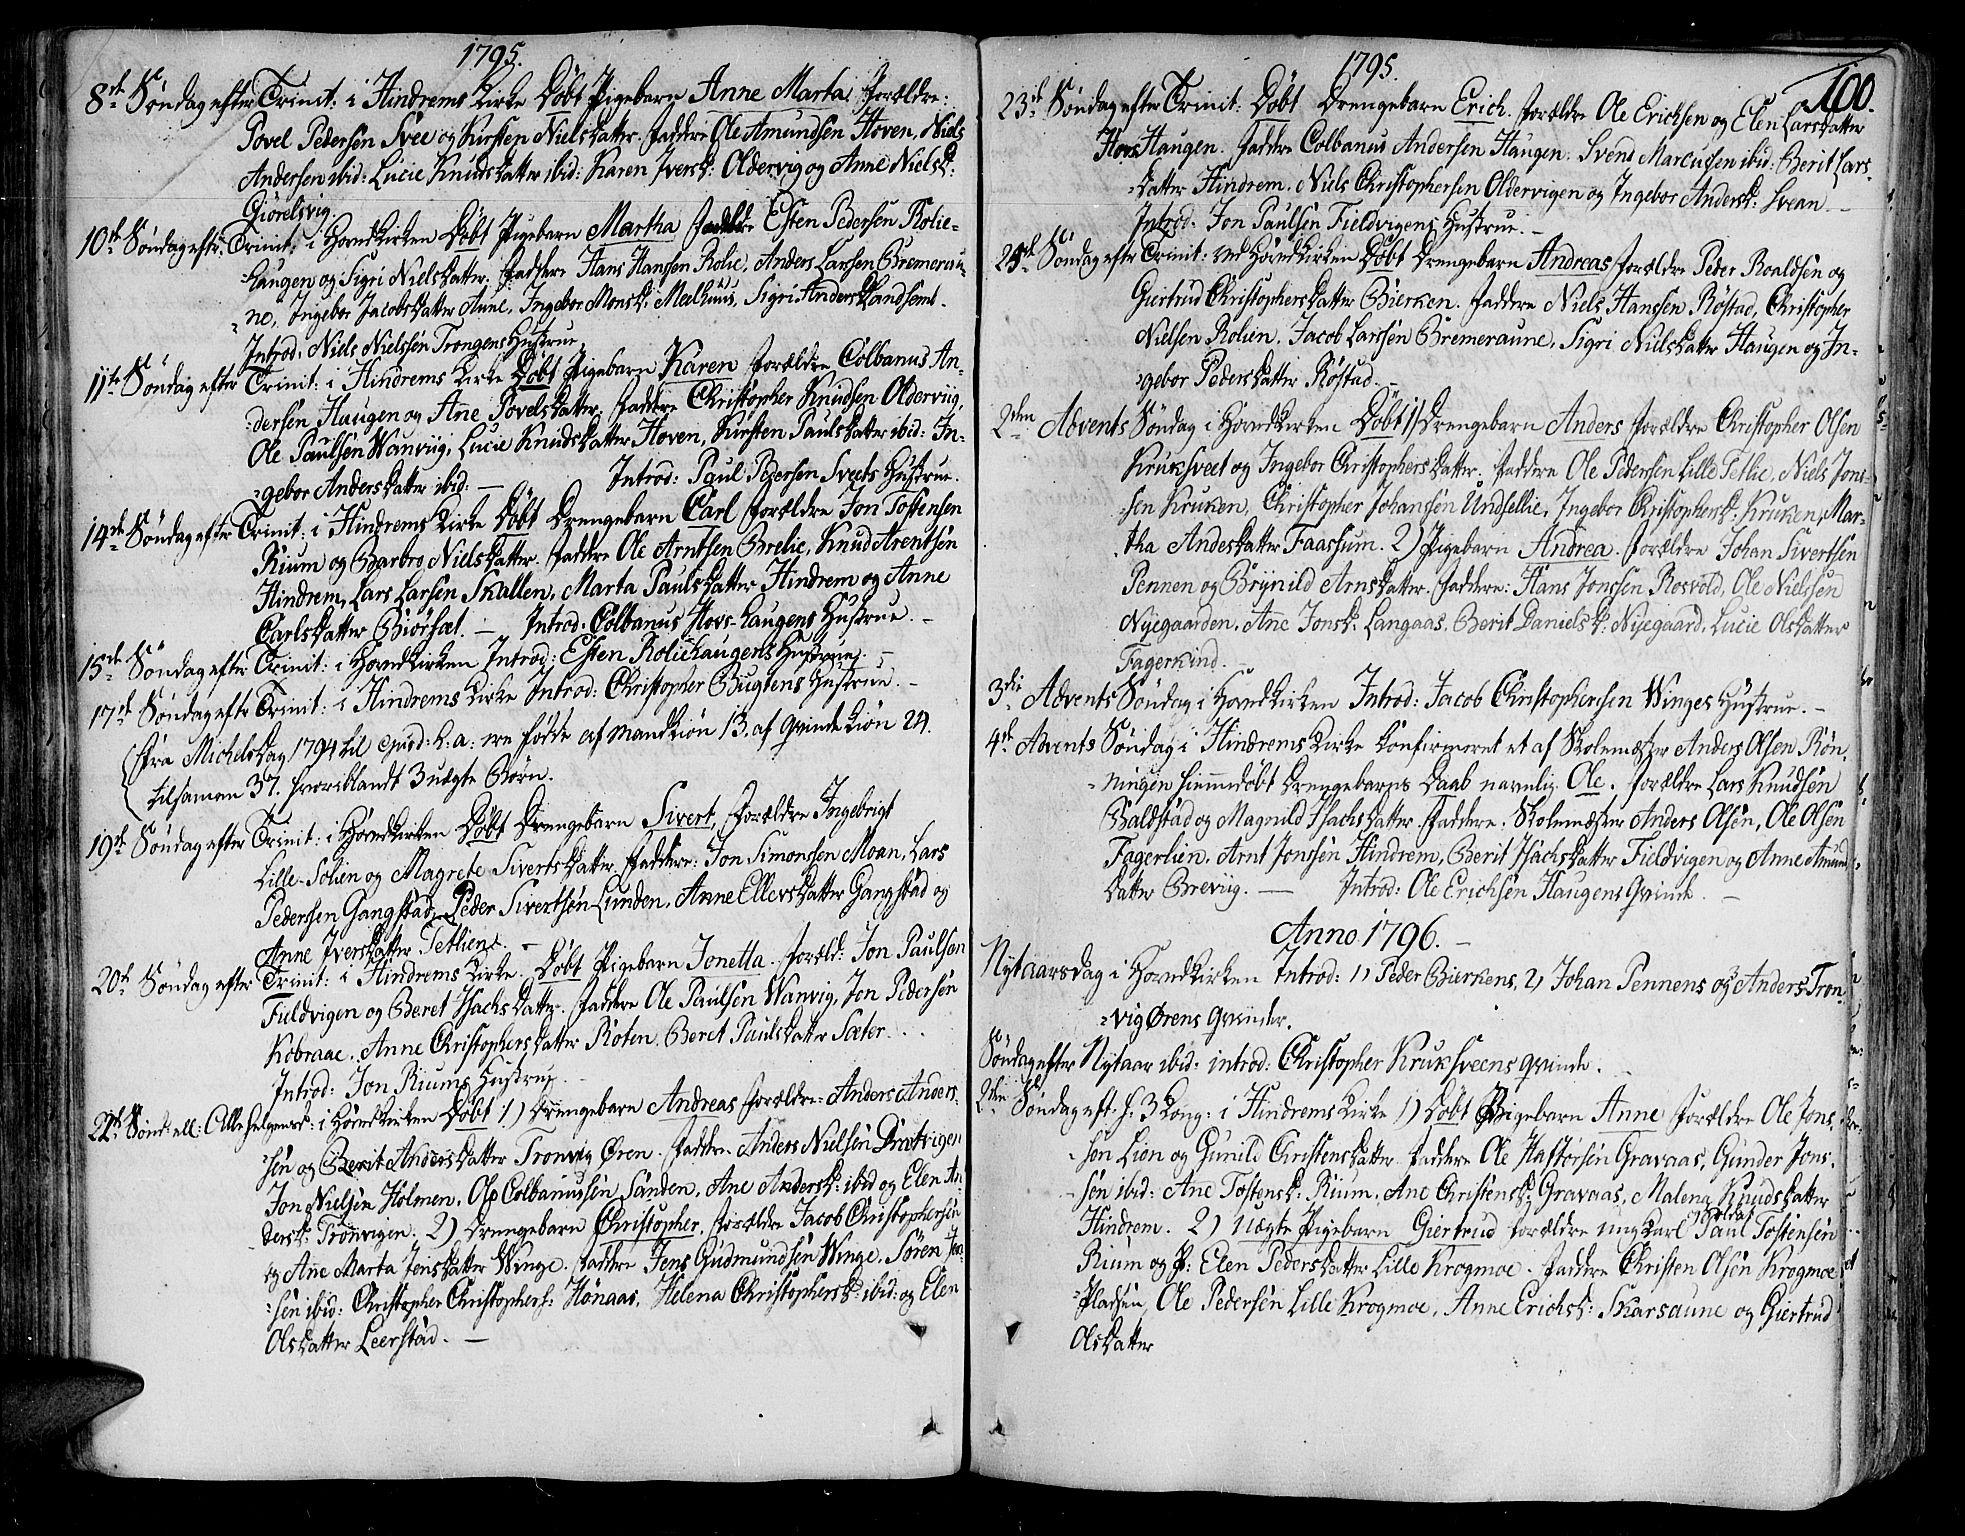 SAT, Ministerialprotokoller, klokkerbøker og fødselsregistre - Nord-Trøndelag, 701/L0004: Ministerialbok nr. 701A04, 1783-1816, s. 100